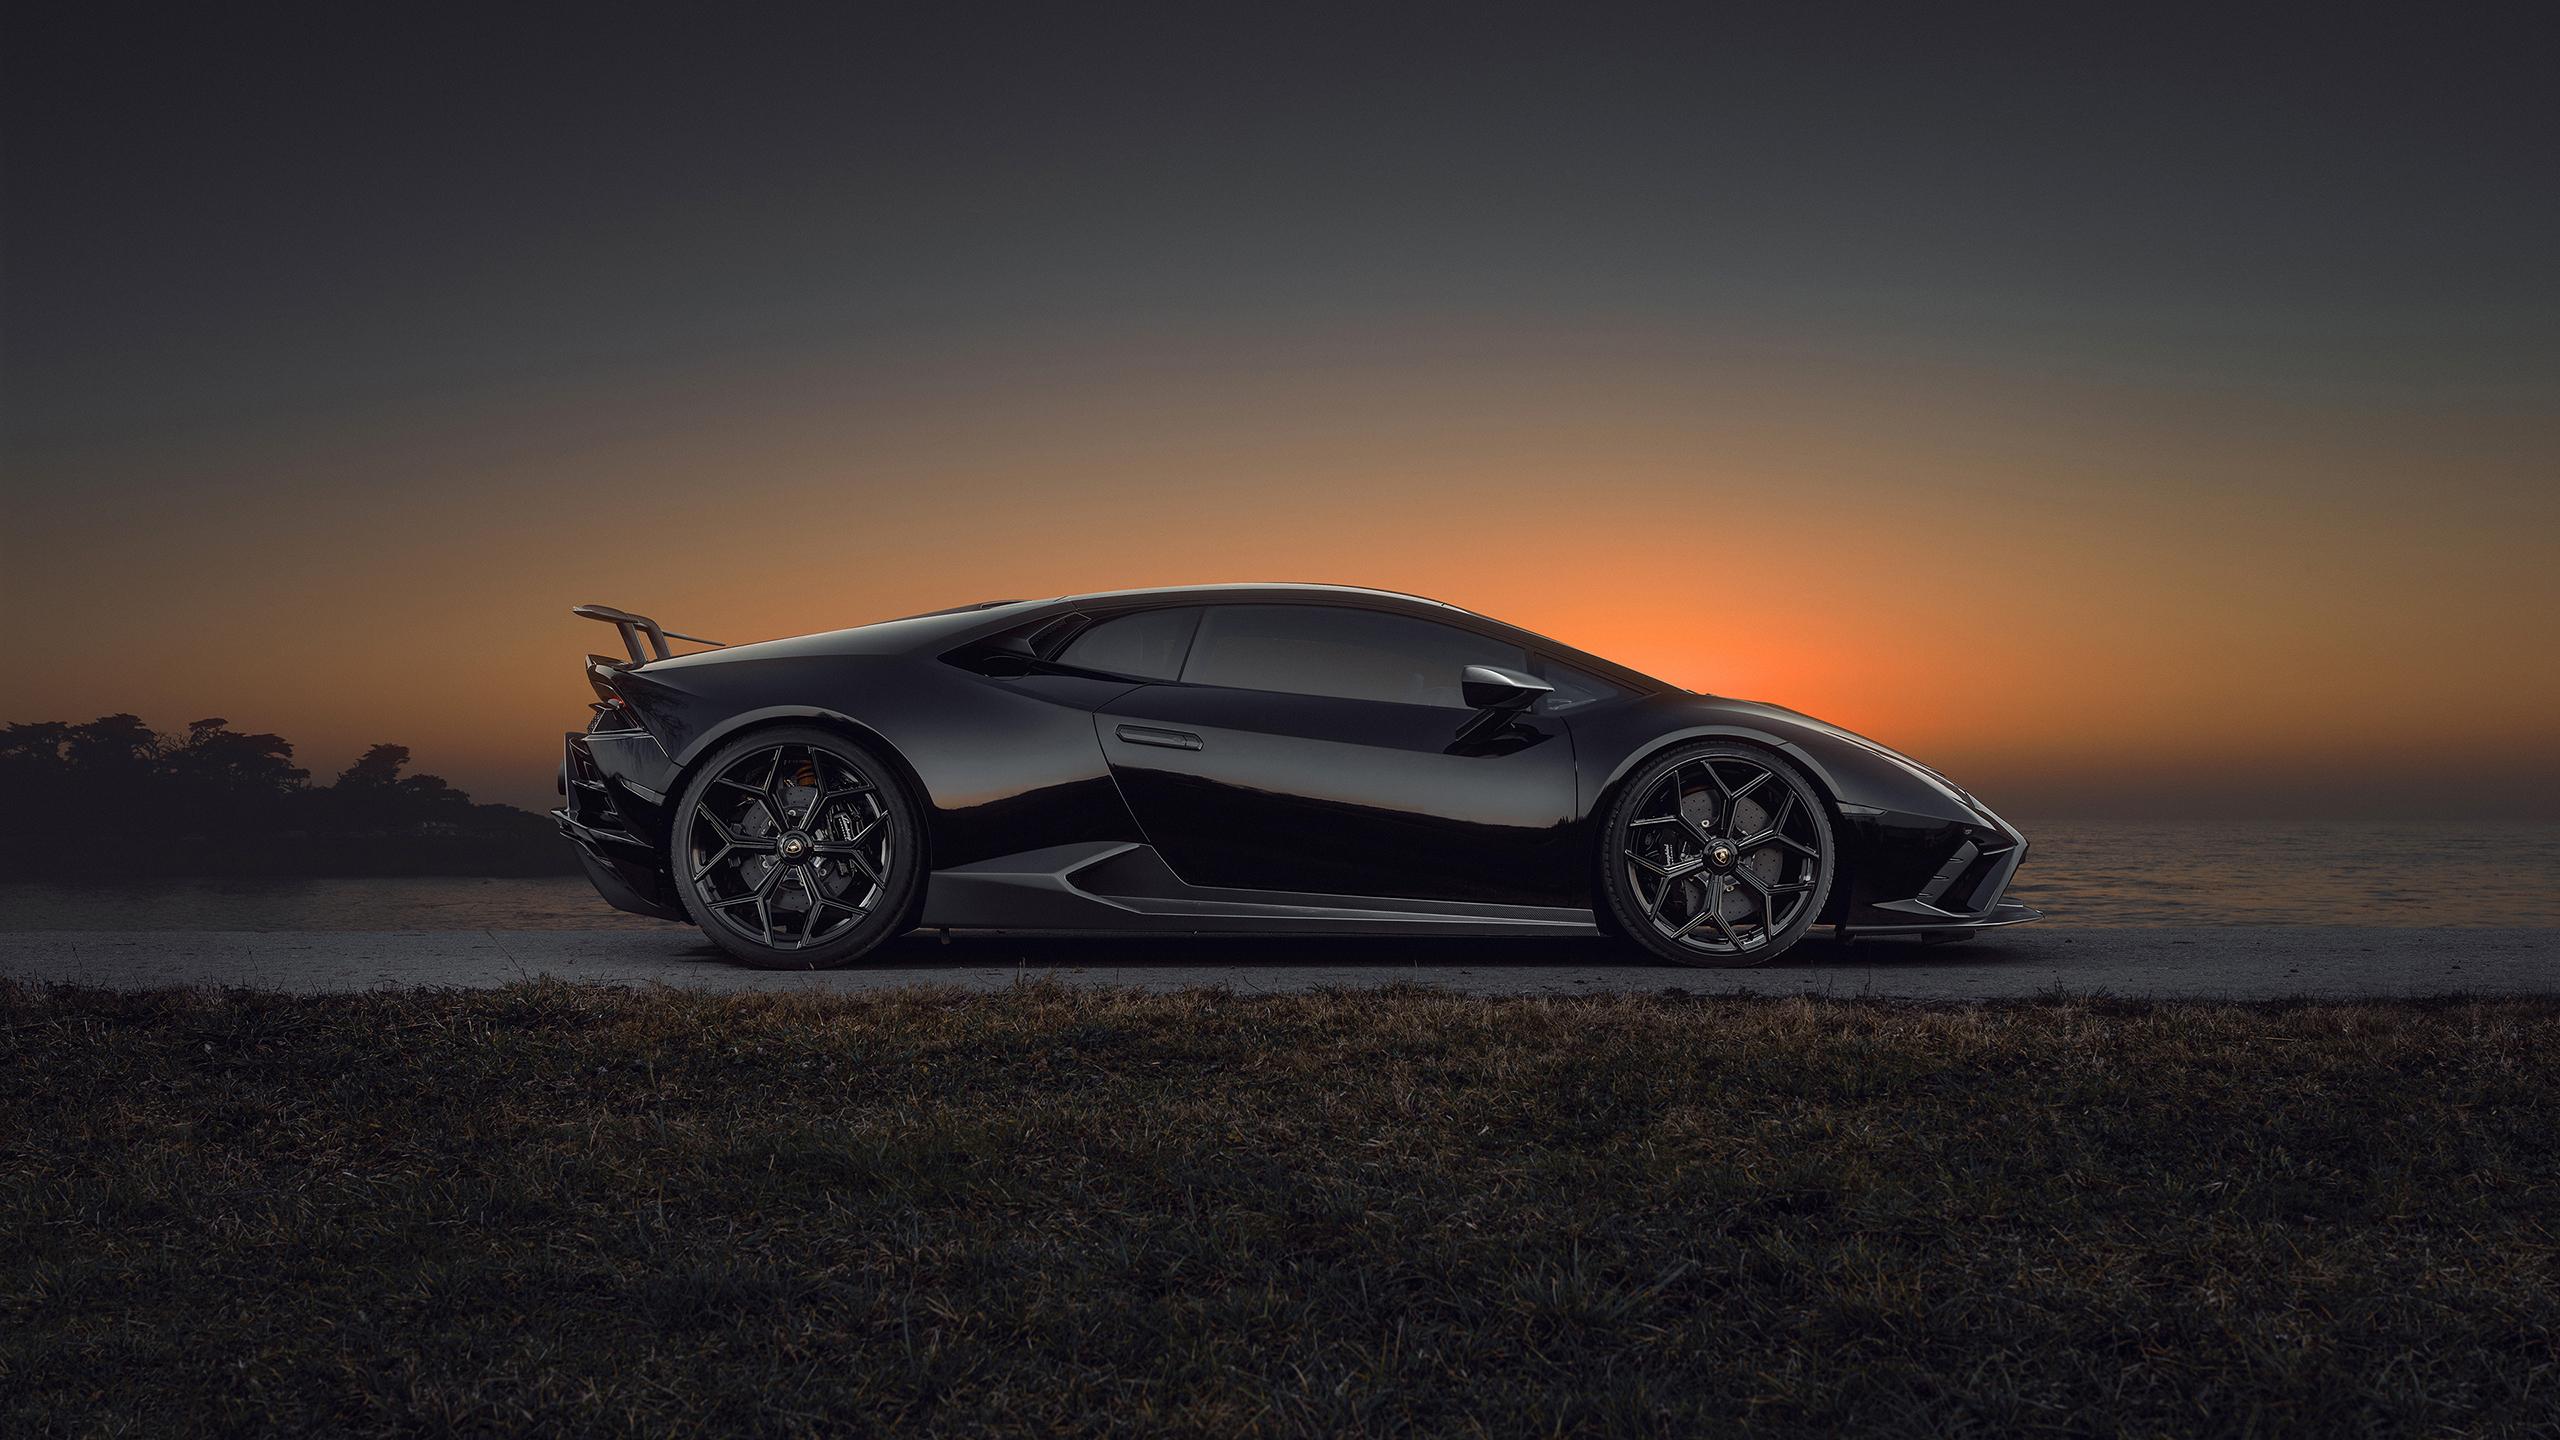 Lamborghini Huracan EVO RWD Lamborghini Huracan Lamborghini Supercars Italian Supercars Vehicle Car  2560x1440